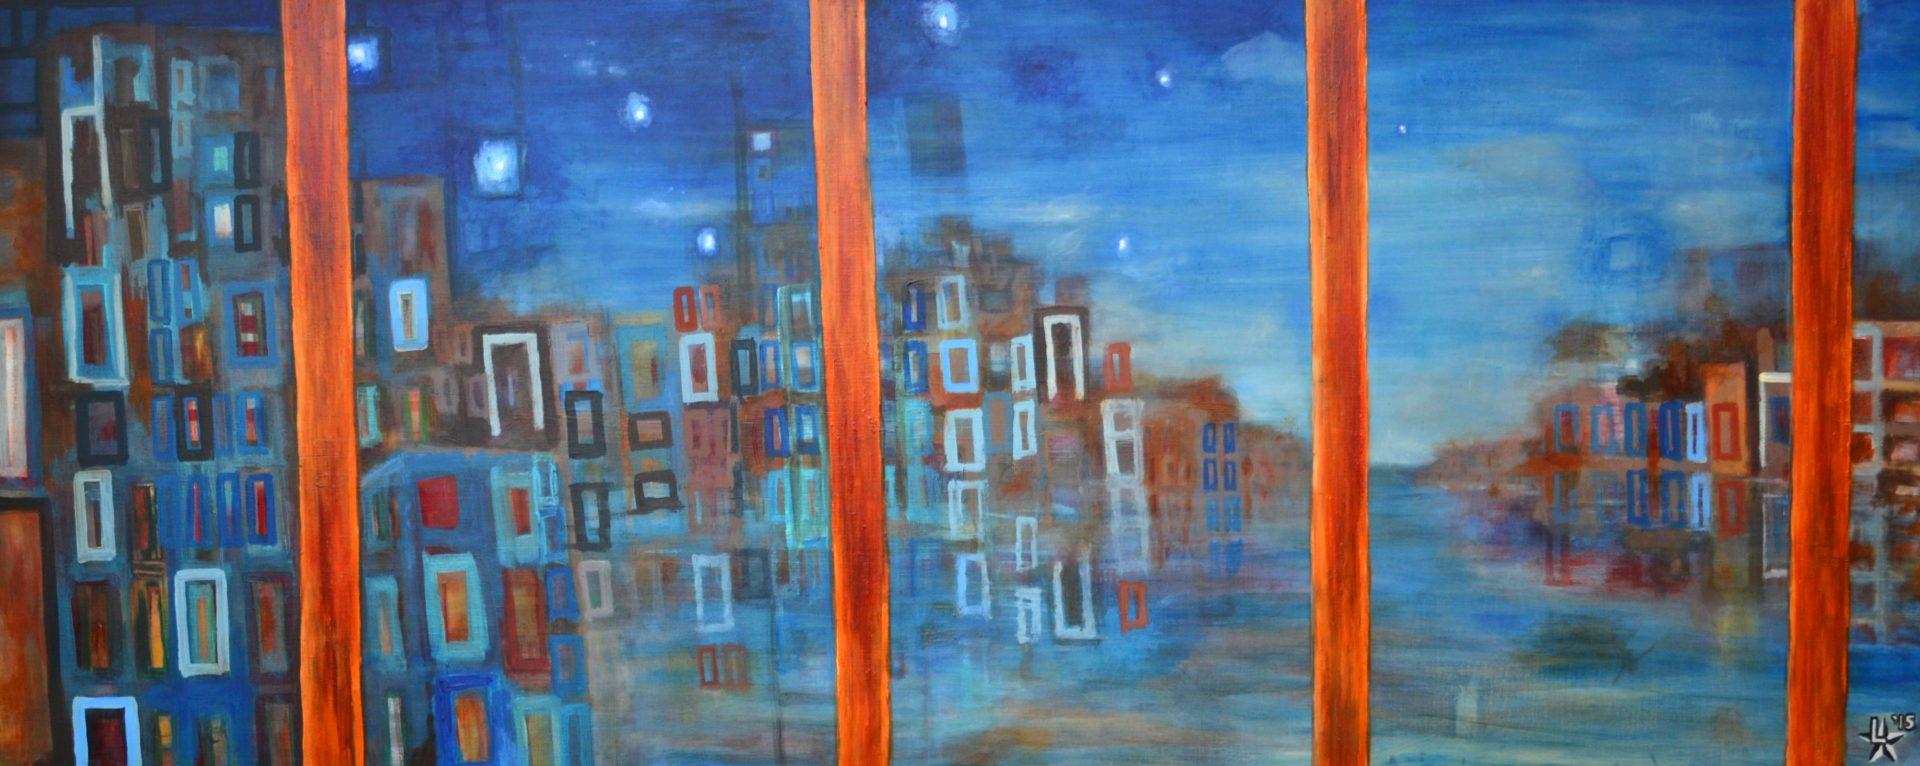 kunstenaar utrecht kunst ltuziasm l-tuziasm schilderij art artist painting urban landscape city trippin harbour view